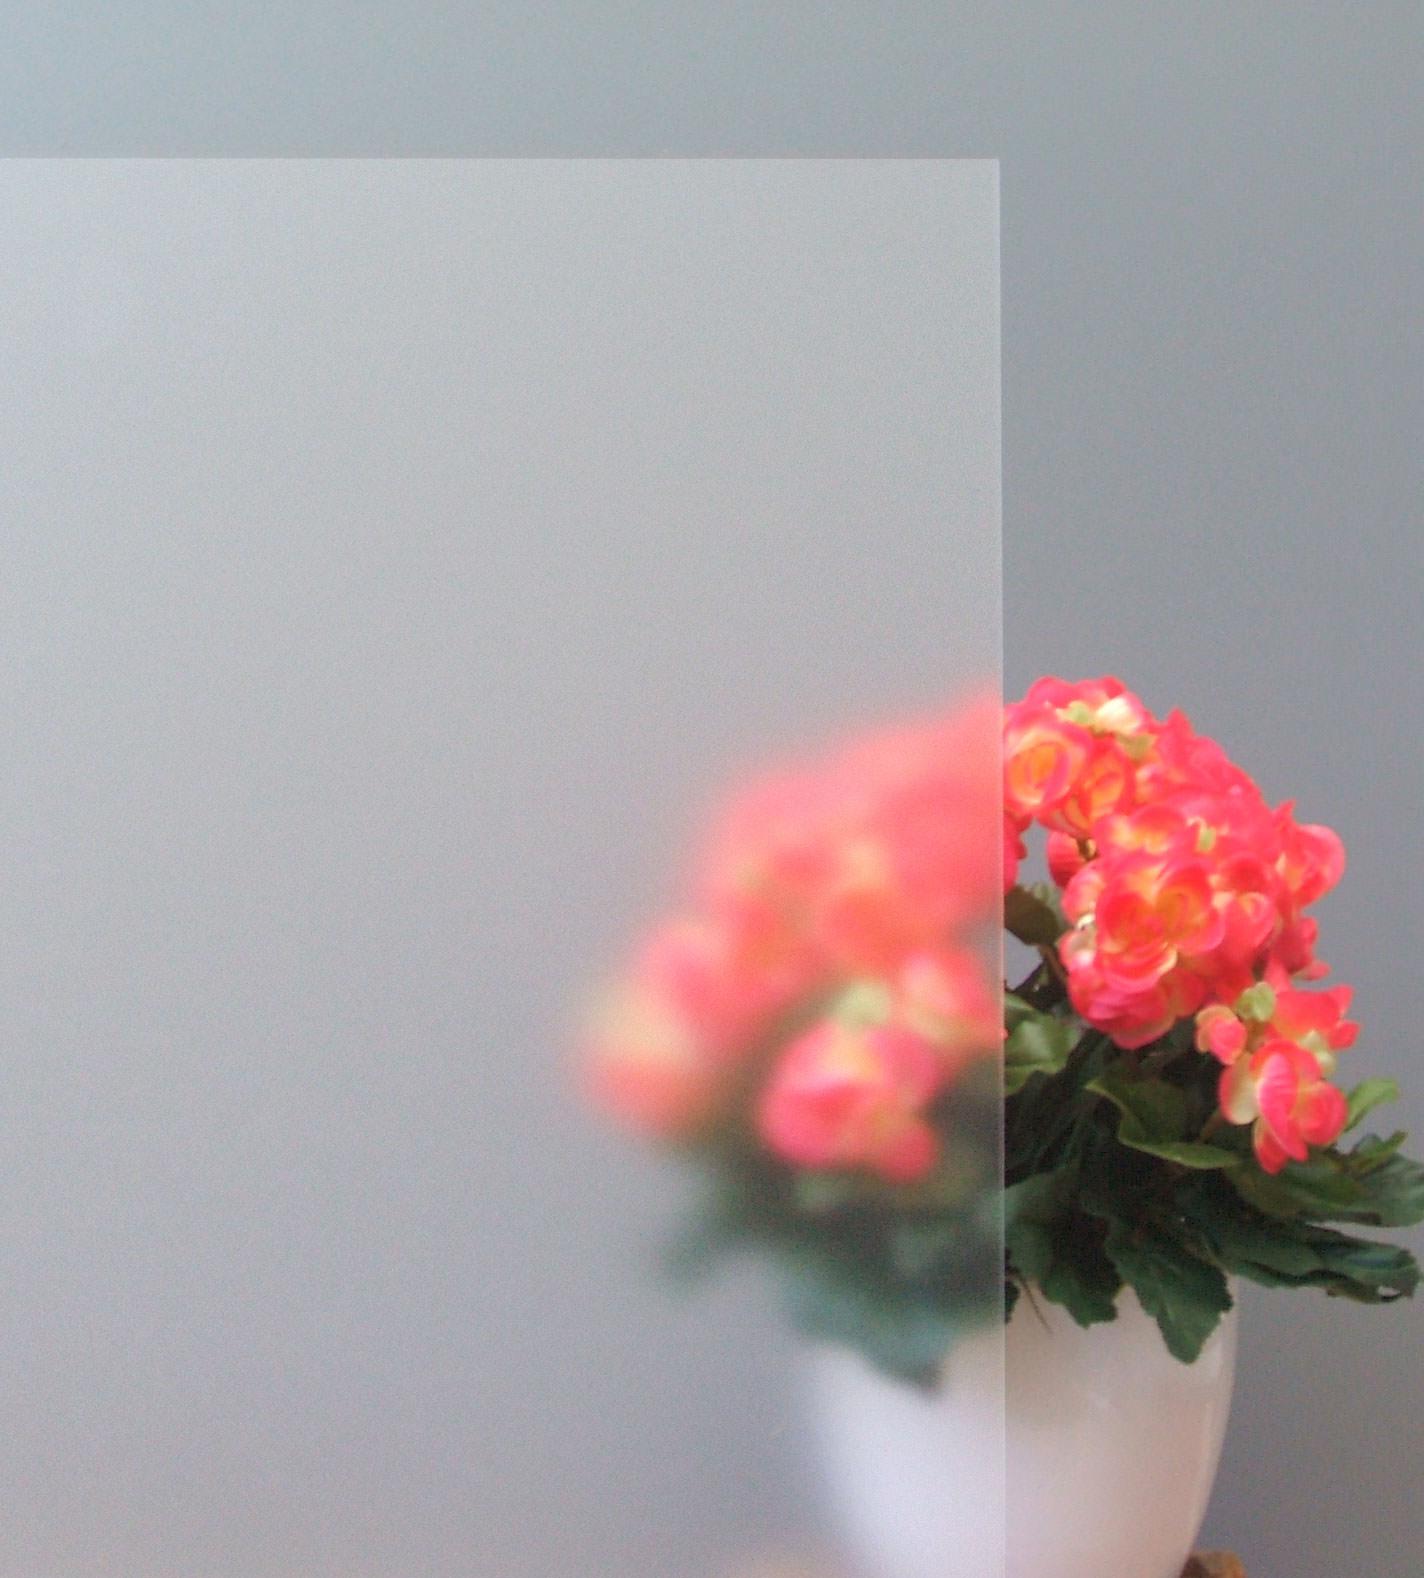 Full Size of Sicherheitsfolie Fenster Sichtschutzfolie Frostglas Design Passgenau Nach Ma Alte Kaufen Velux Ersatzteile Einbruchsicher Sichtschutz Rollo Standardmaße Fenster Sicherheitsfolie Fenster